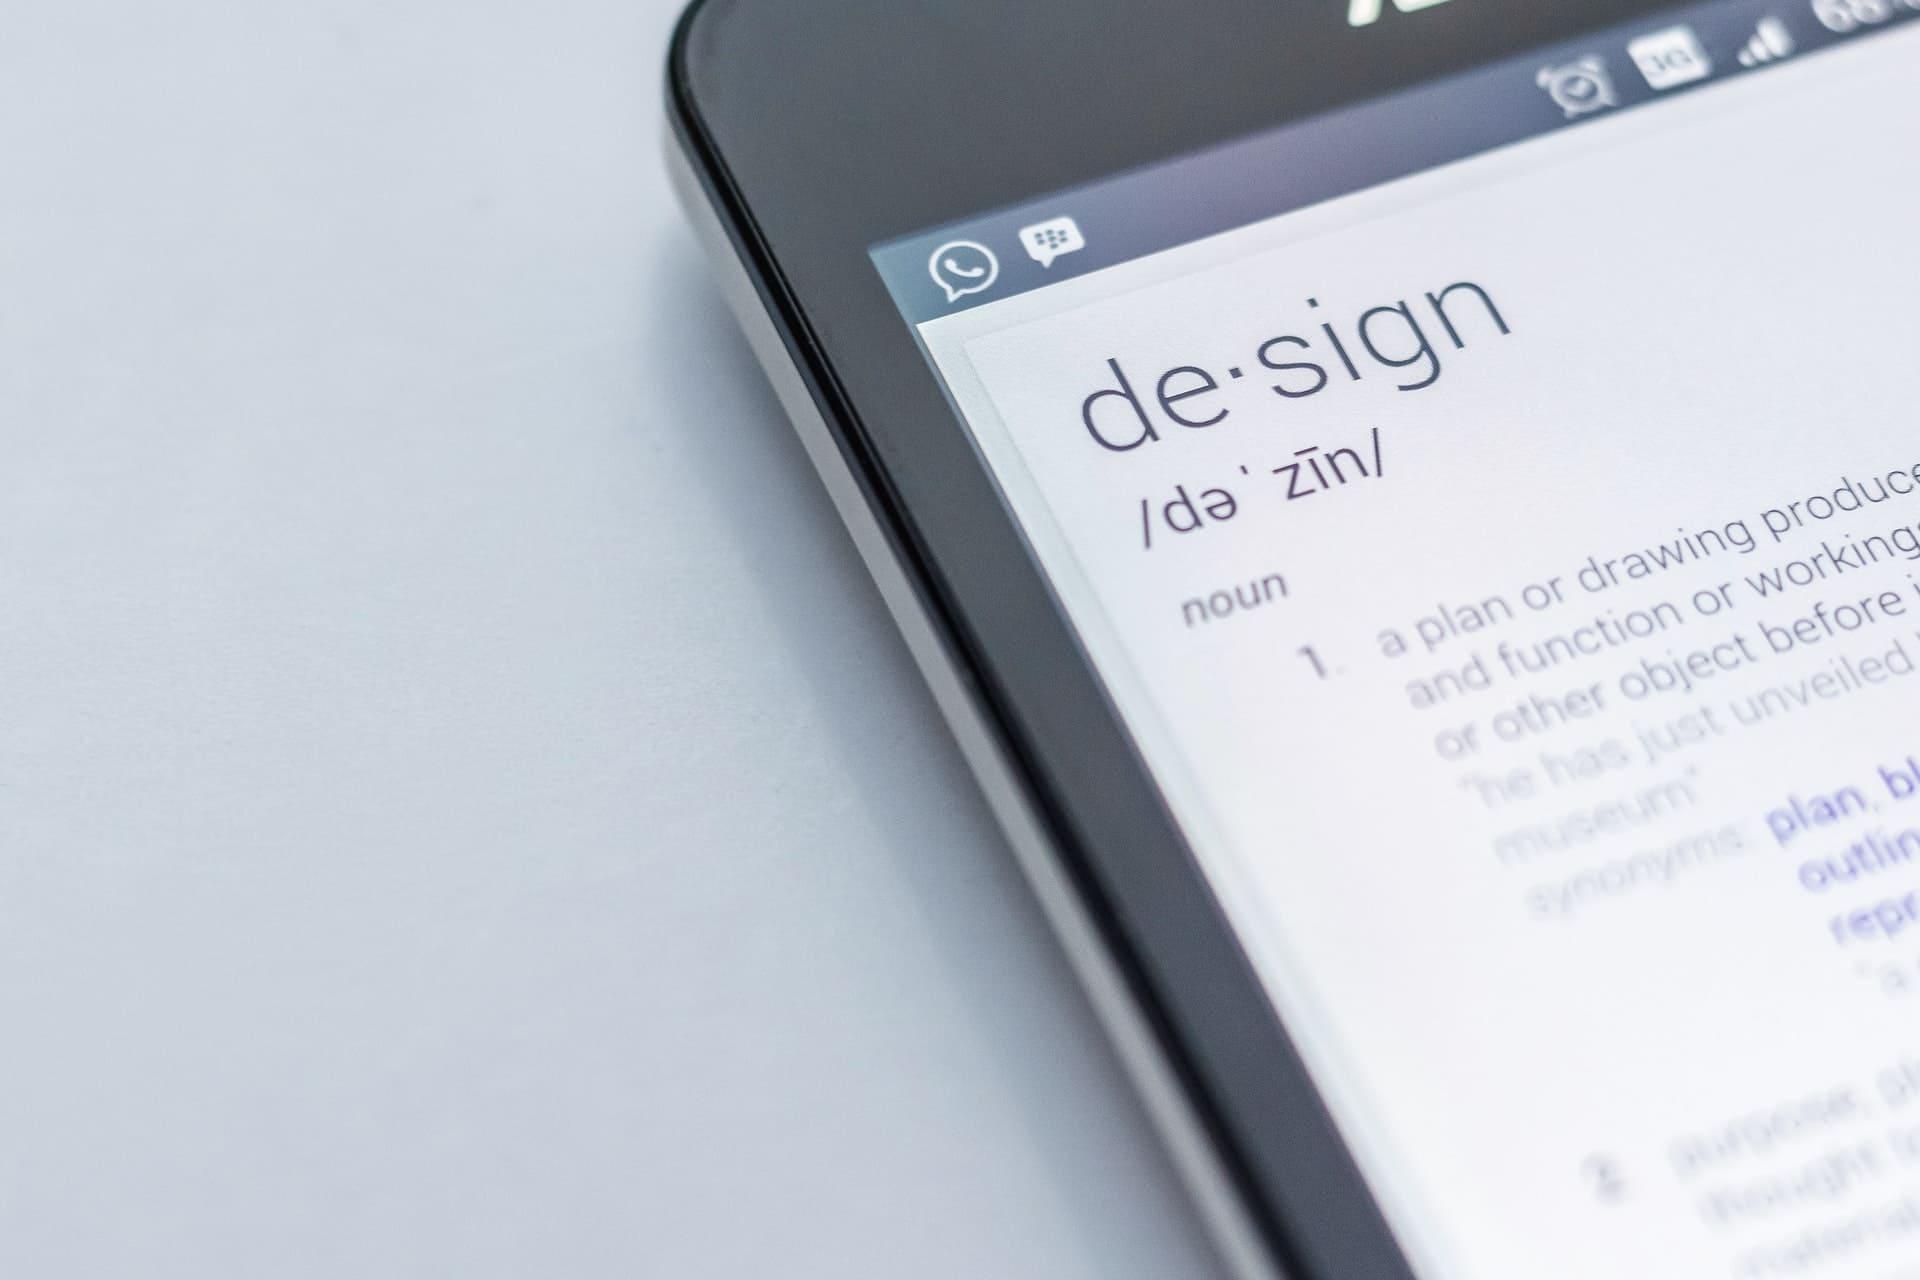 Webデザインで多い失敗は何か?デザインづくりに必要なスキルも紹介!